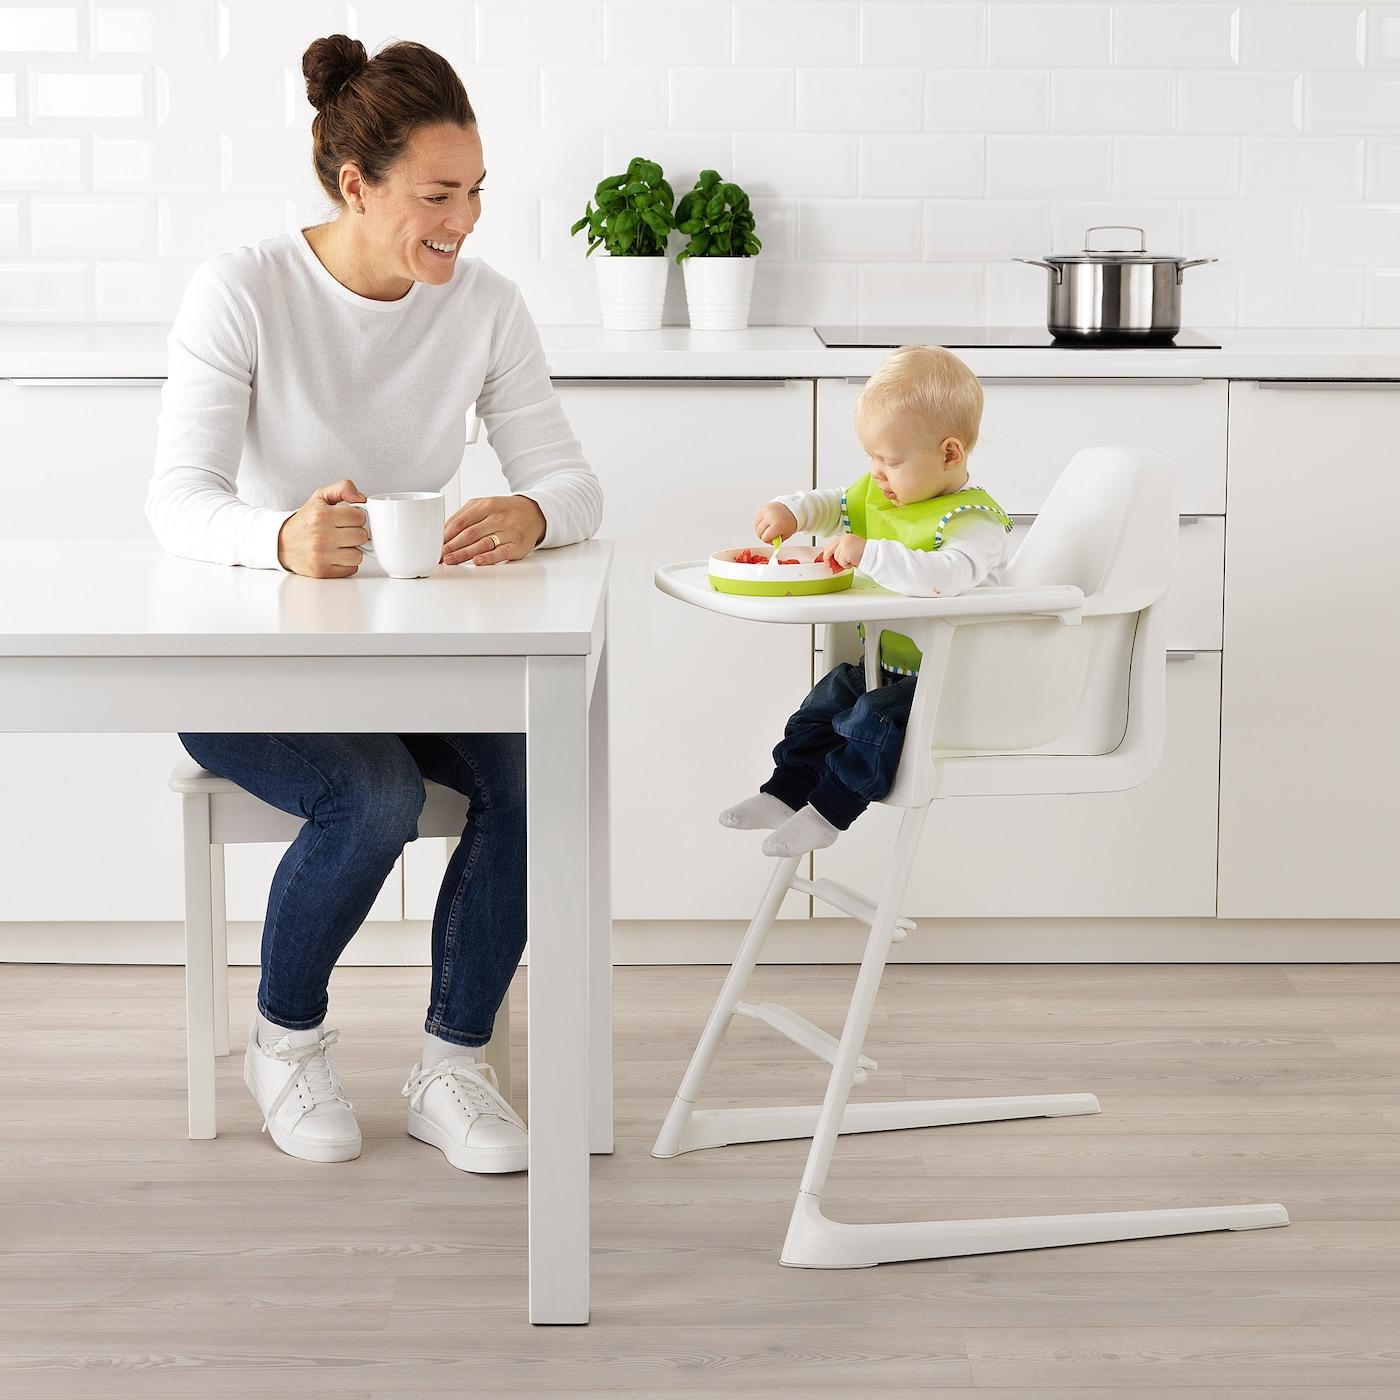 LANGUR Chaise hauteenfant et tablette, blanc IKEA